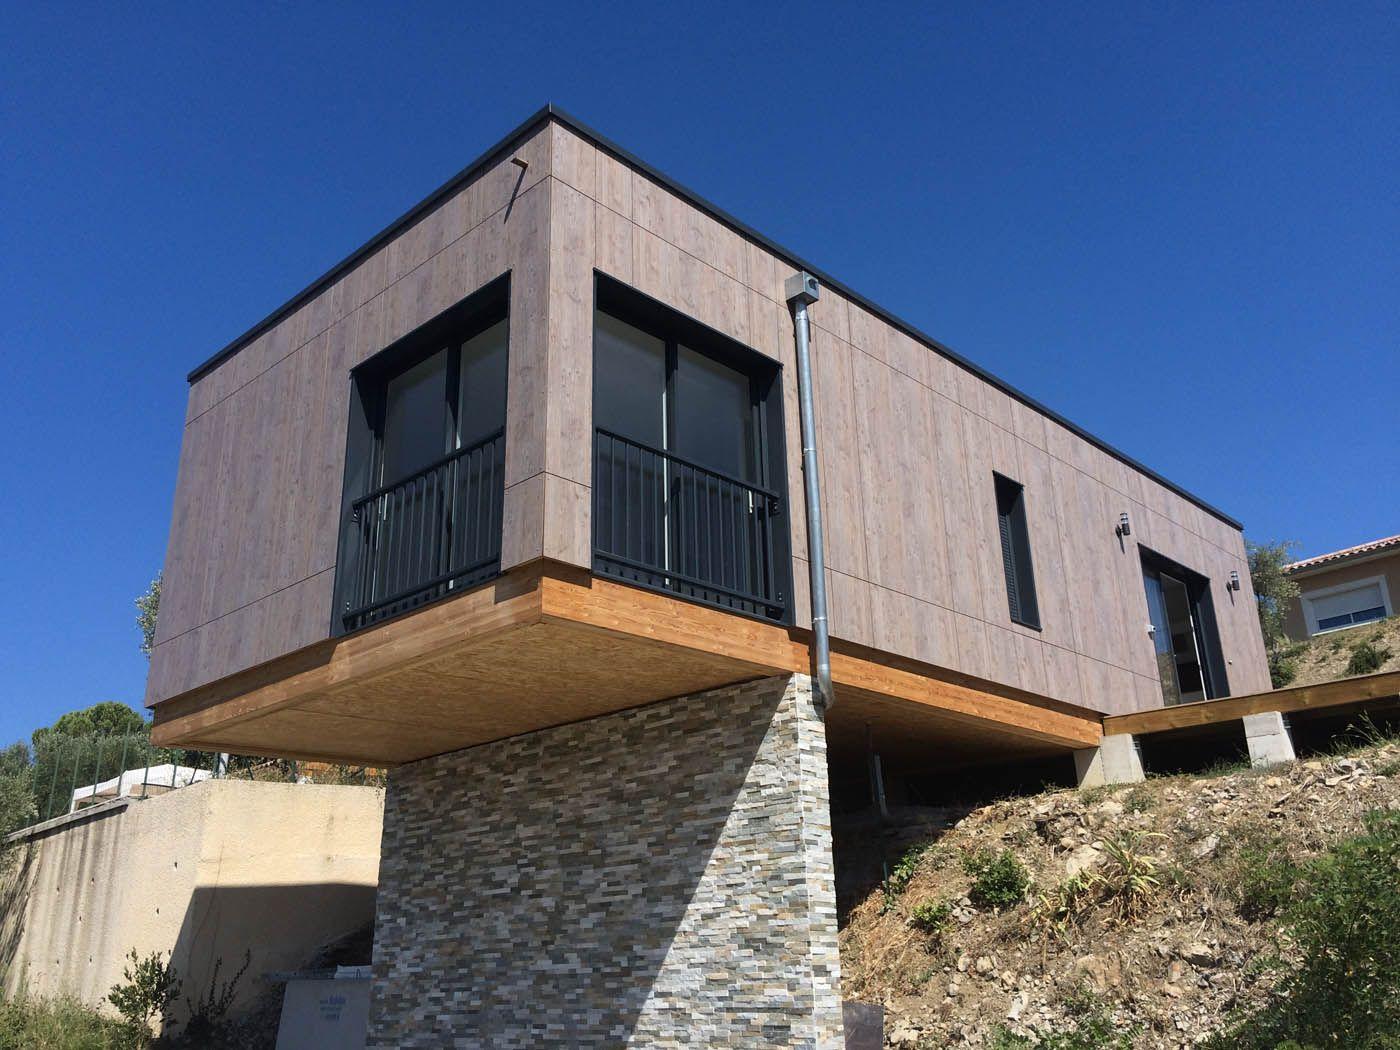 Petite maison bois en porte faux par moulin charpente for Construction petite maison